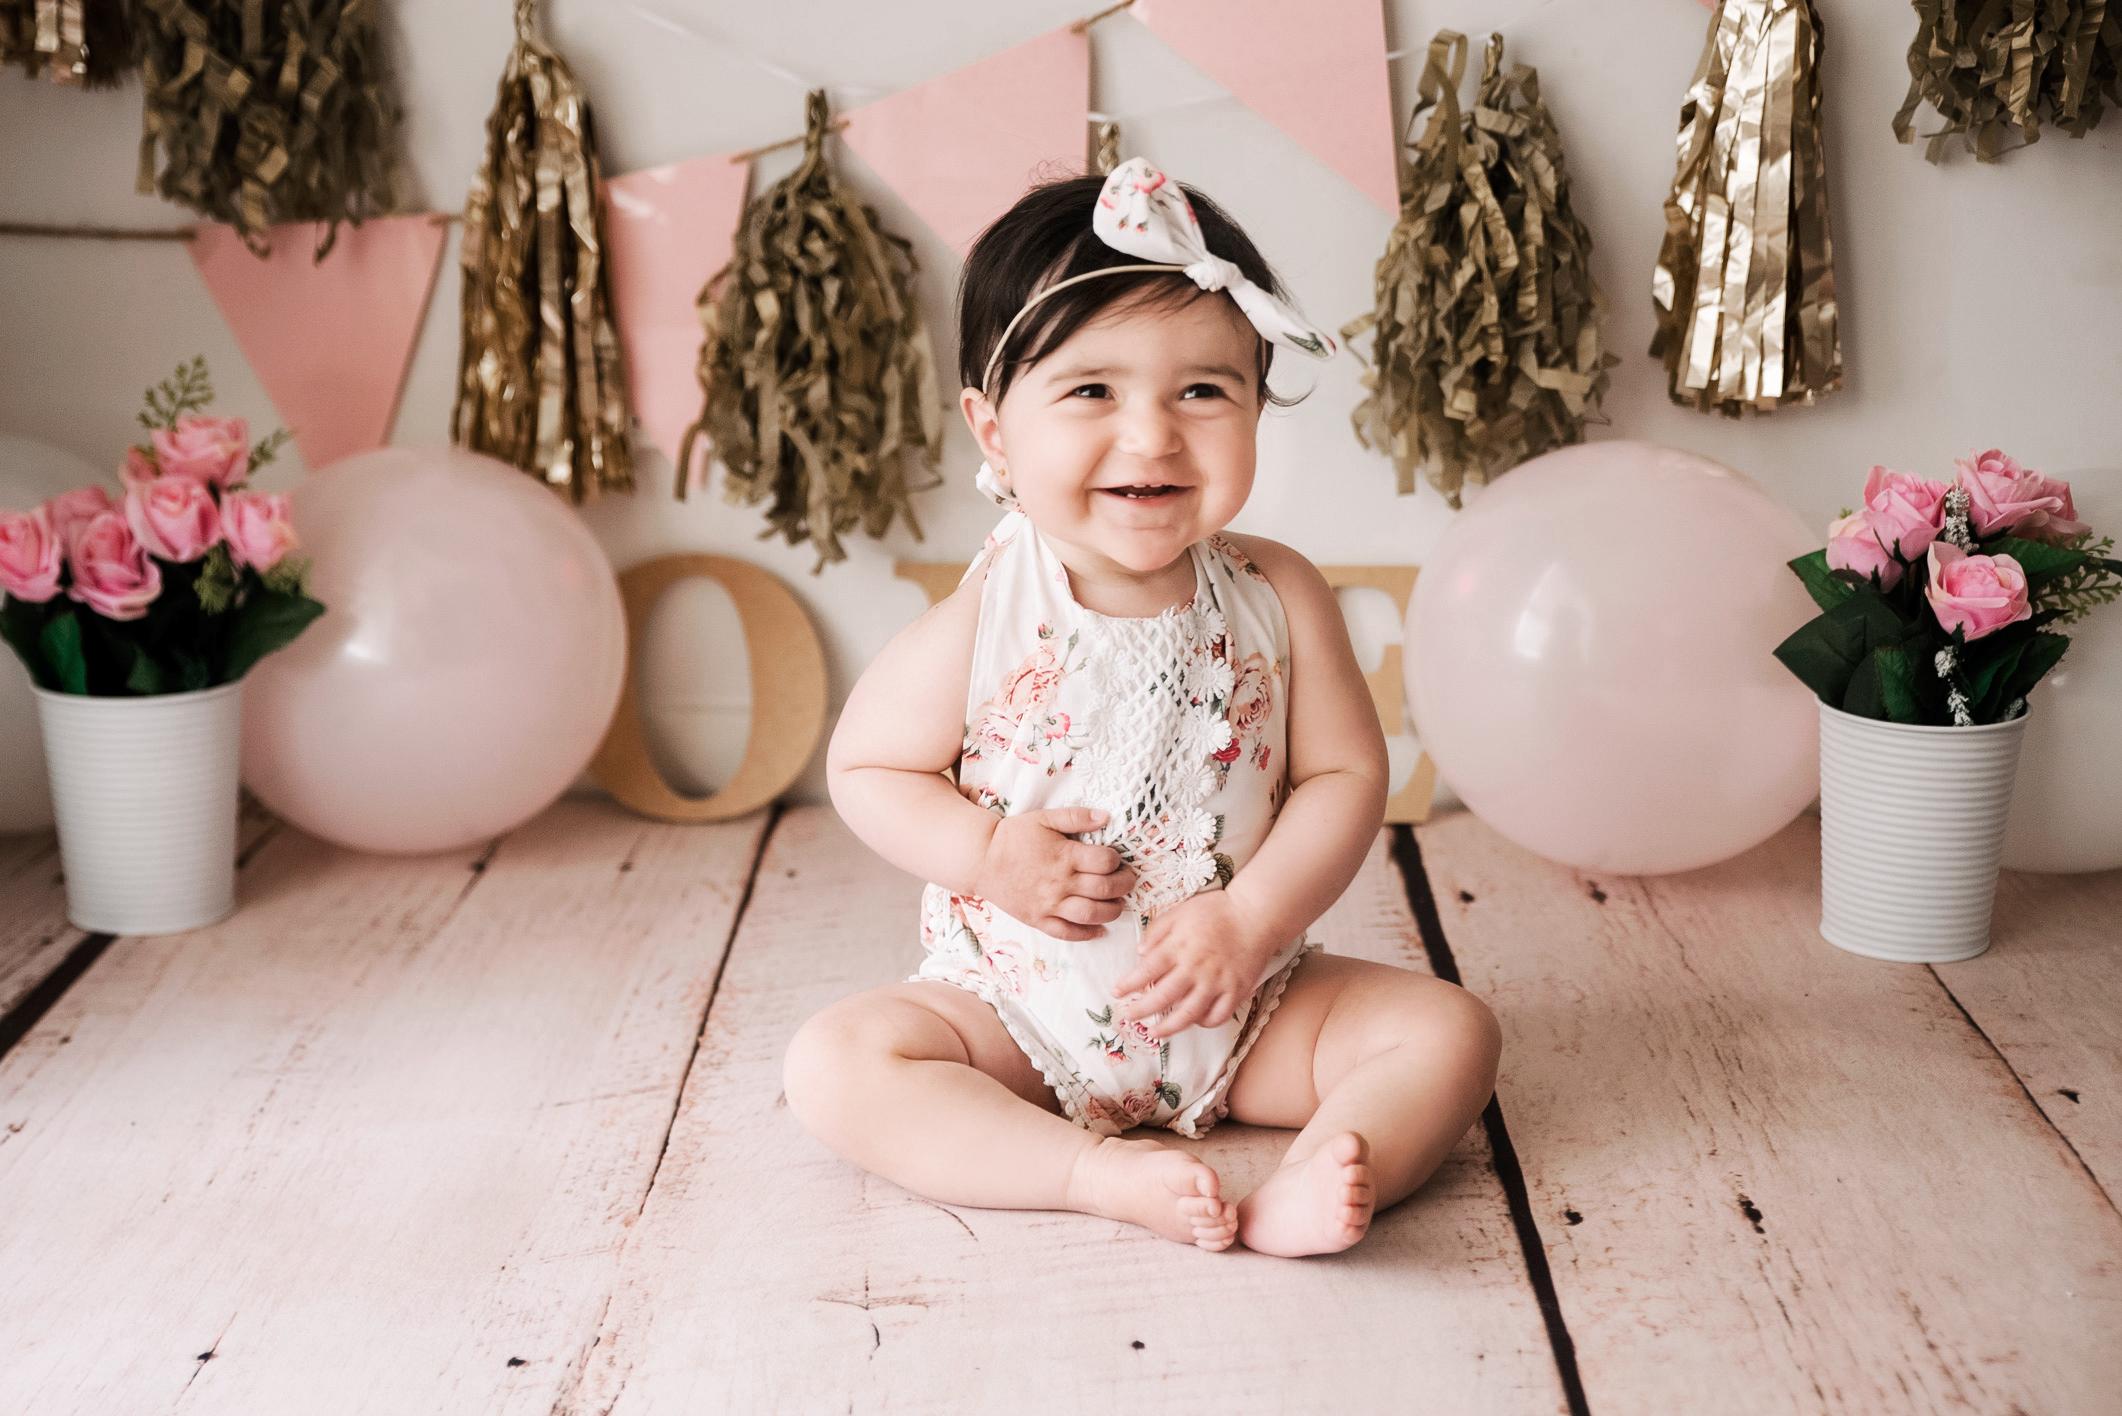 cake-smash-photography-sydney-baby-photographer